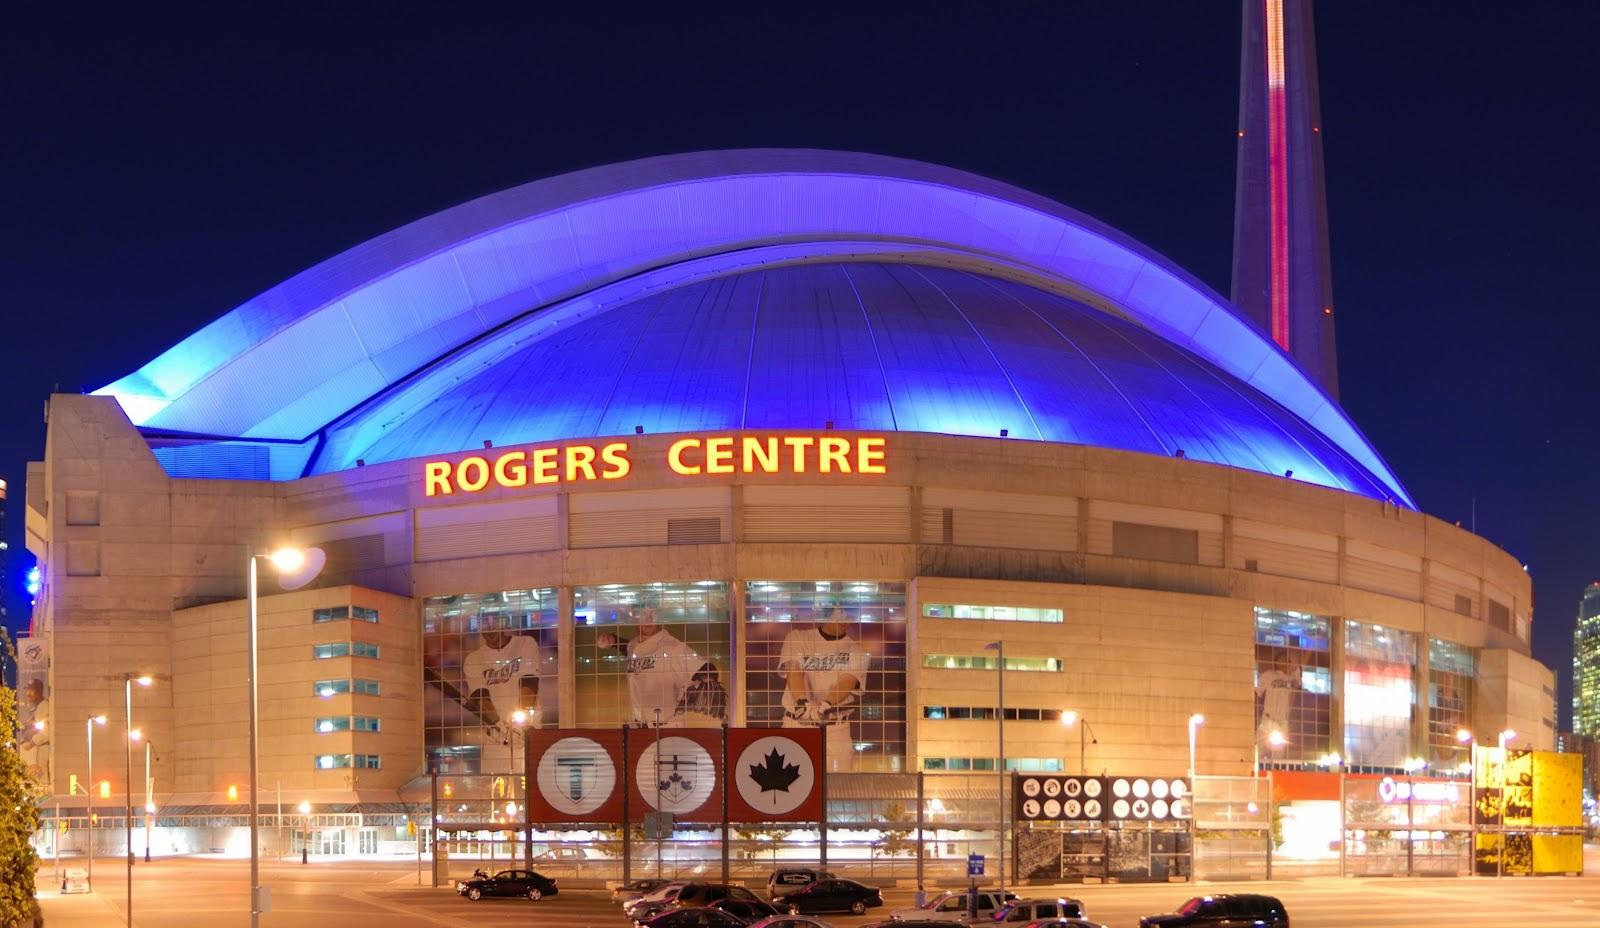 http://1.bp.blogspot.com/-yofTa4B9D78/T28FeD7M5AI/AAAAAAAAAJE/jImAChoYqxs/s1600/Toronto_Rogers_Centre.jpg